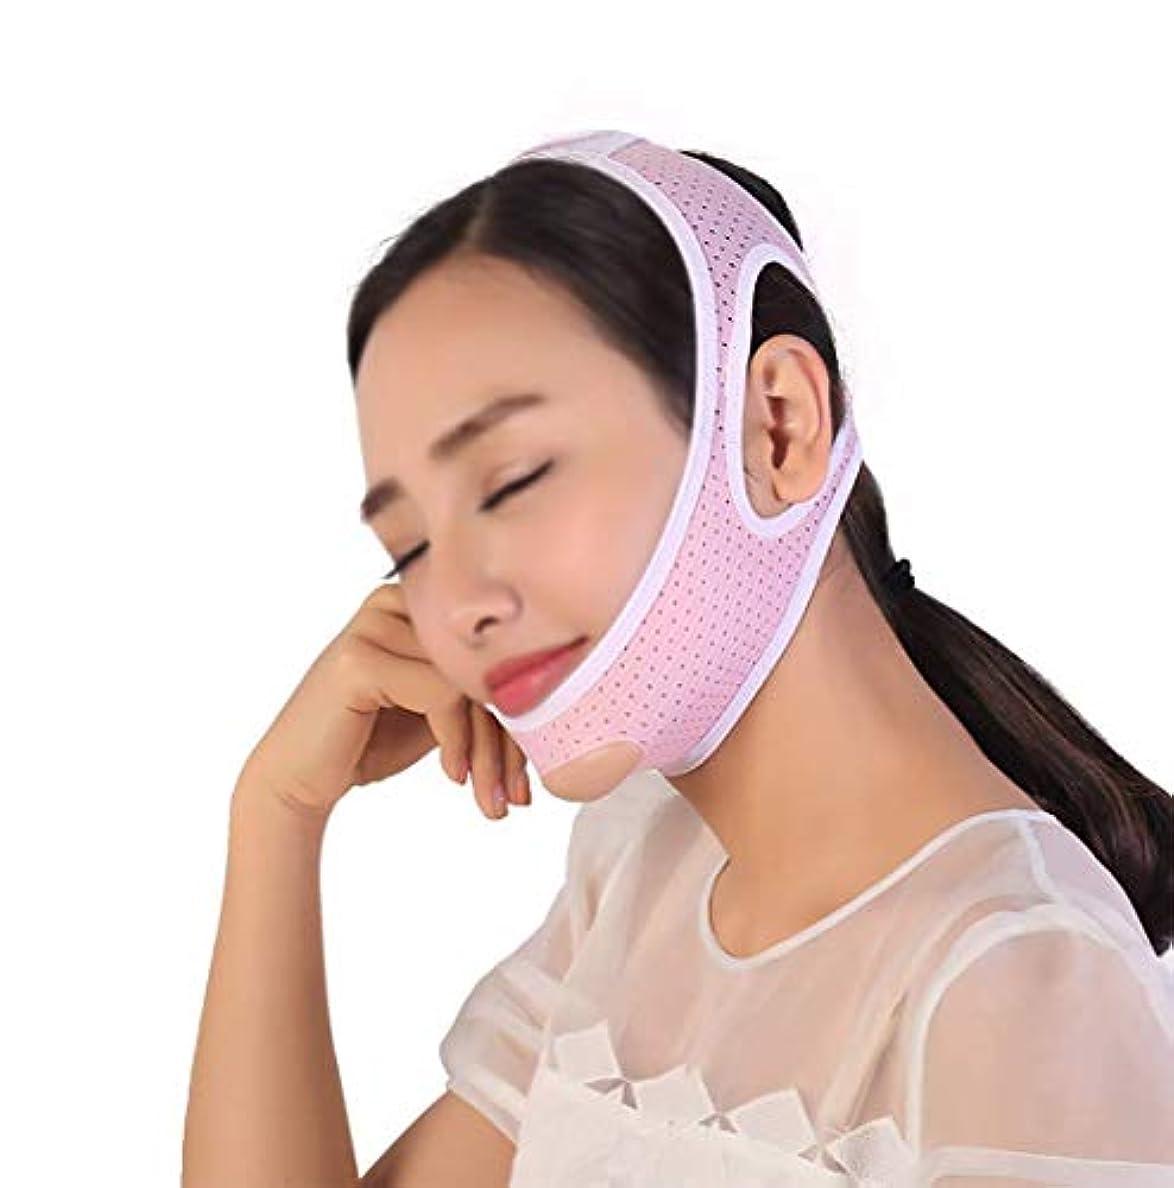 探す破壊韓国フェイスリフトフェイシャル、肌のリラクゼーションを防ぐためのタイトなVフェイスマスクVフェイスアーティファクトフェイスリフトバンデージフェイスケア(サイズ:M)